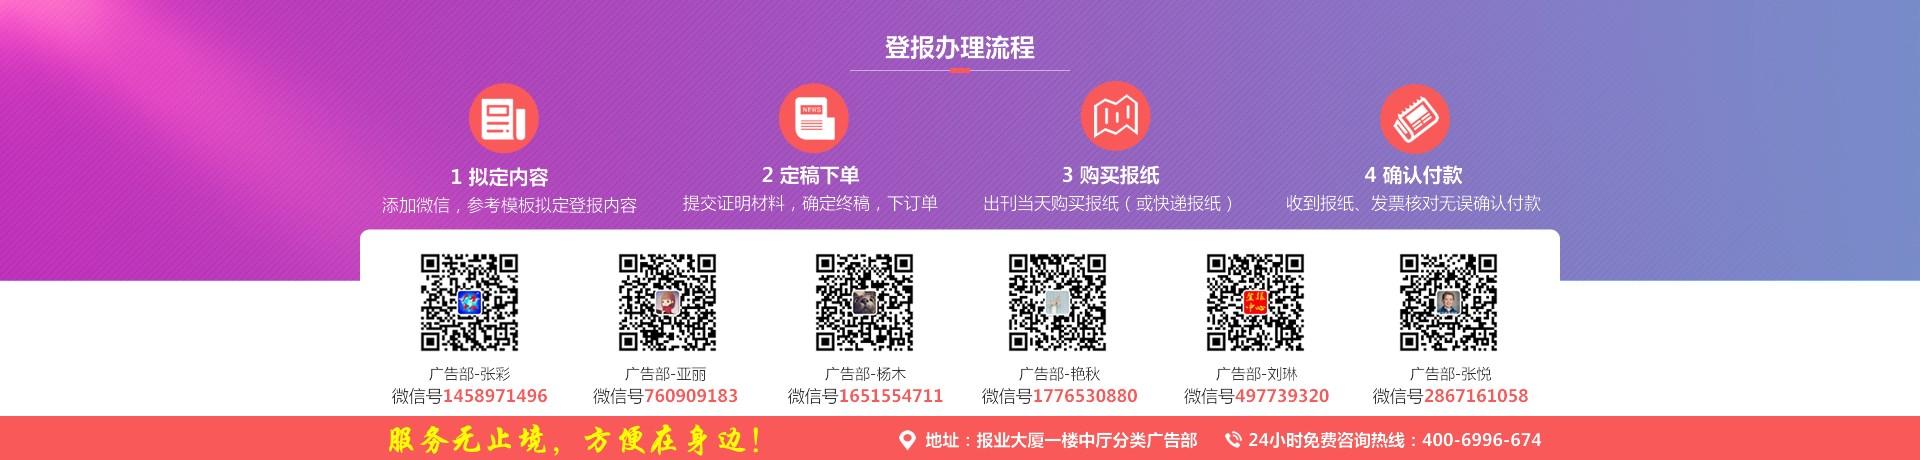 云南日报登报挂失-云南日报登报声明-云南日报广告部